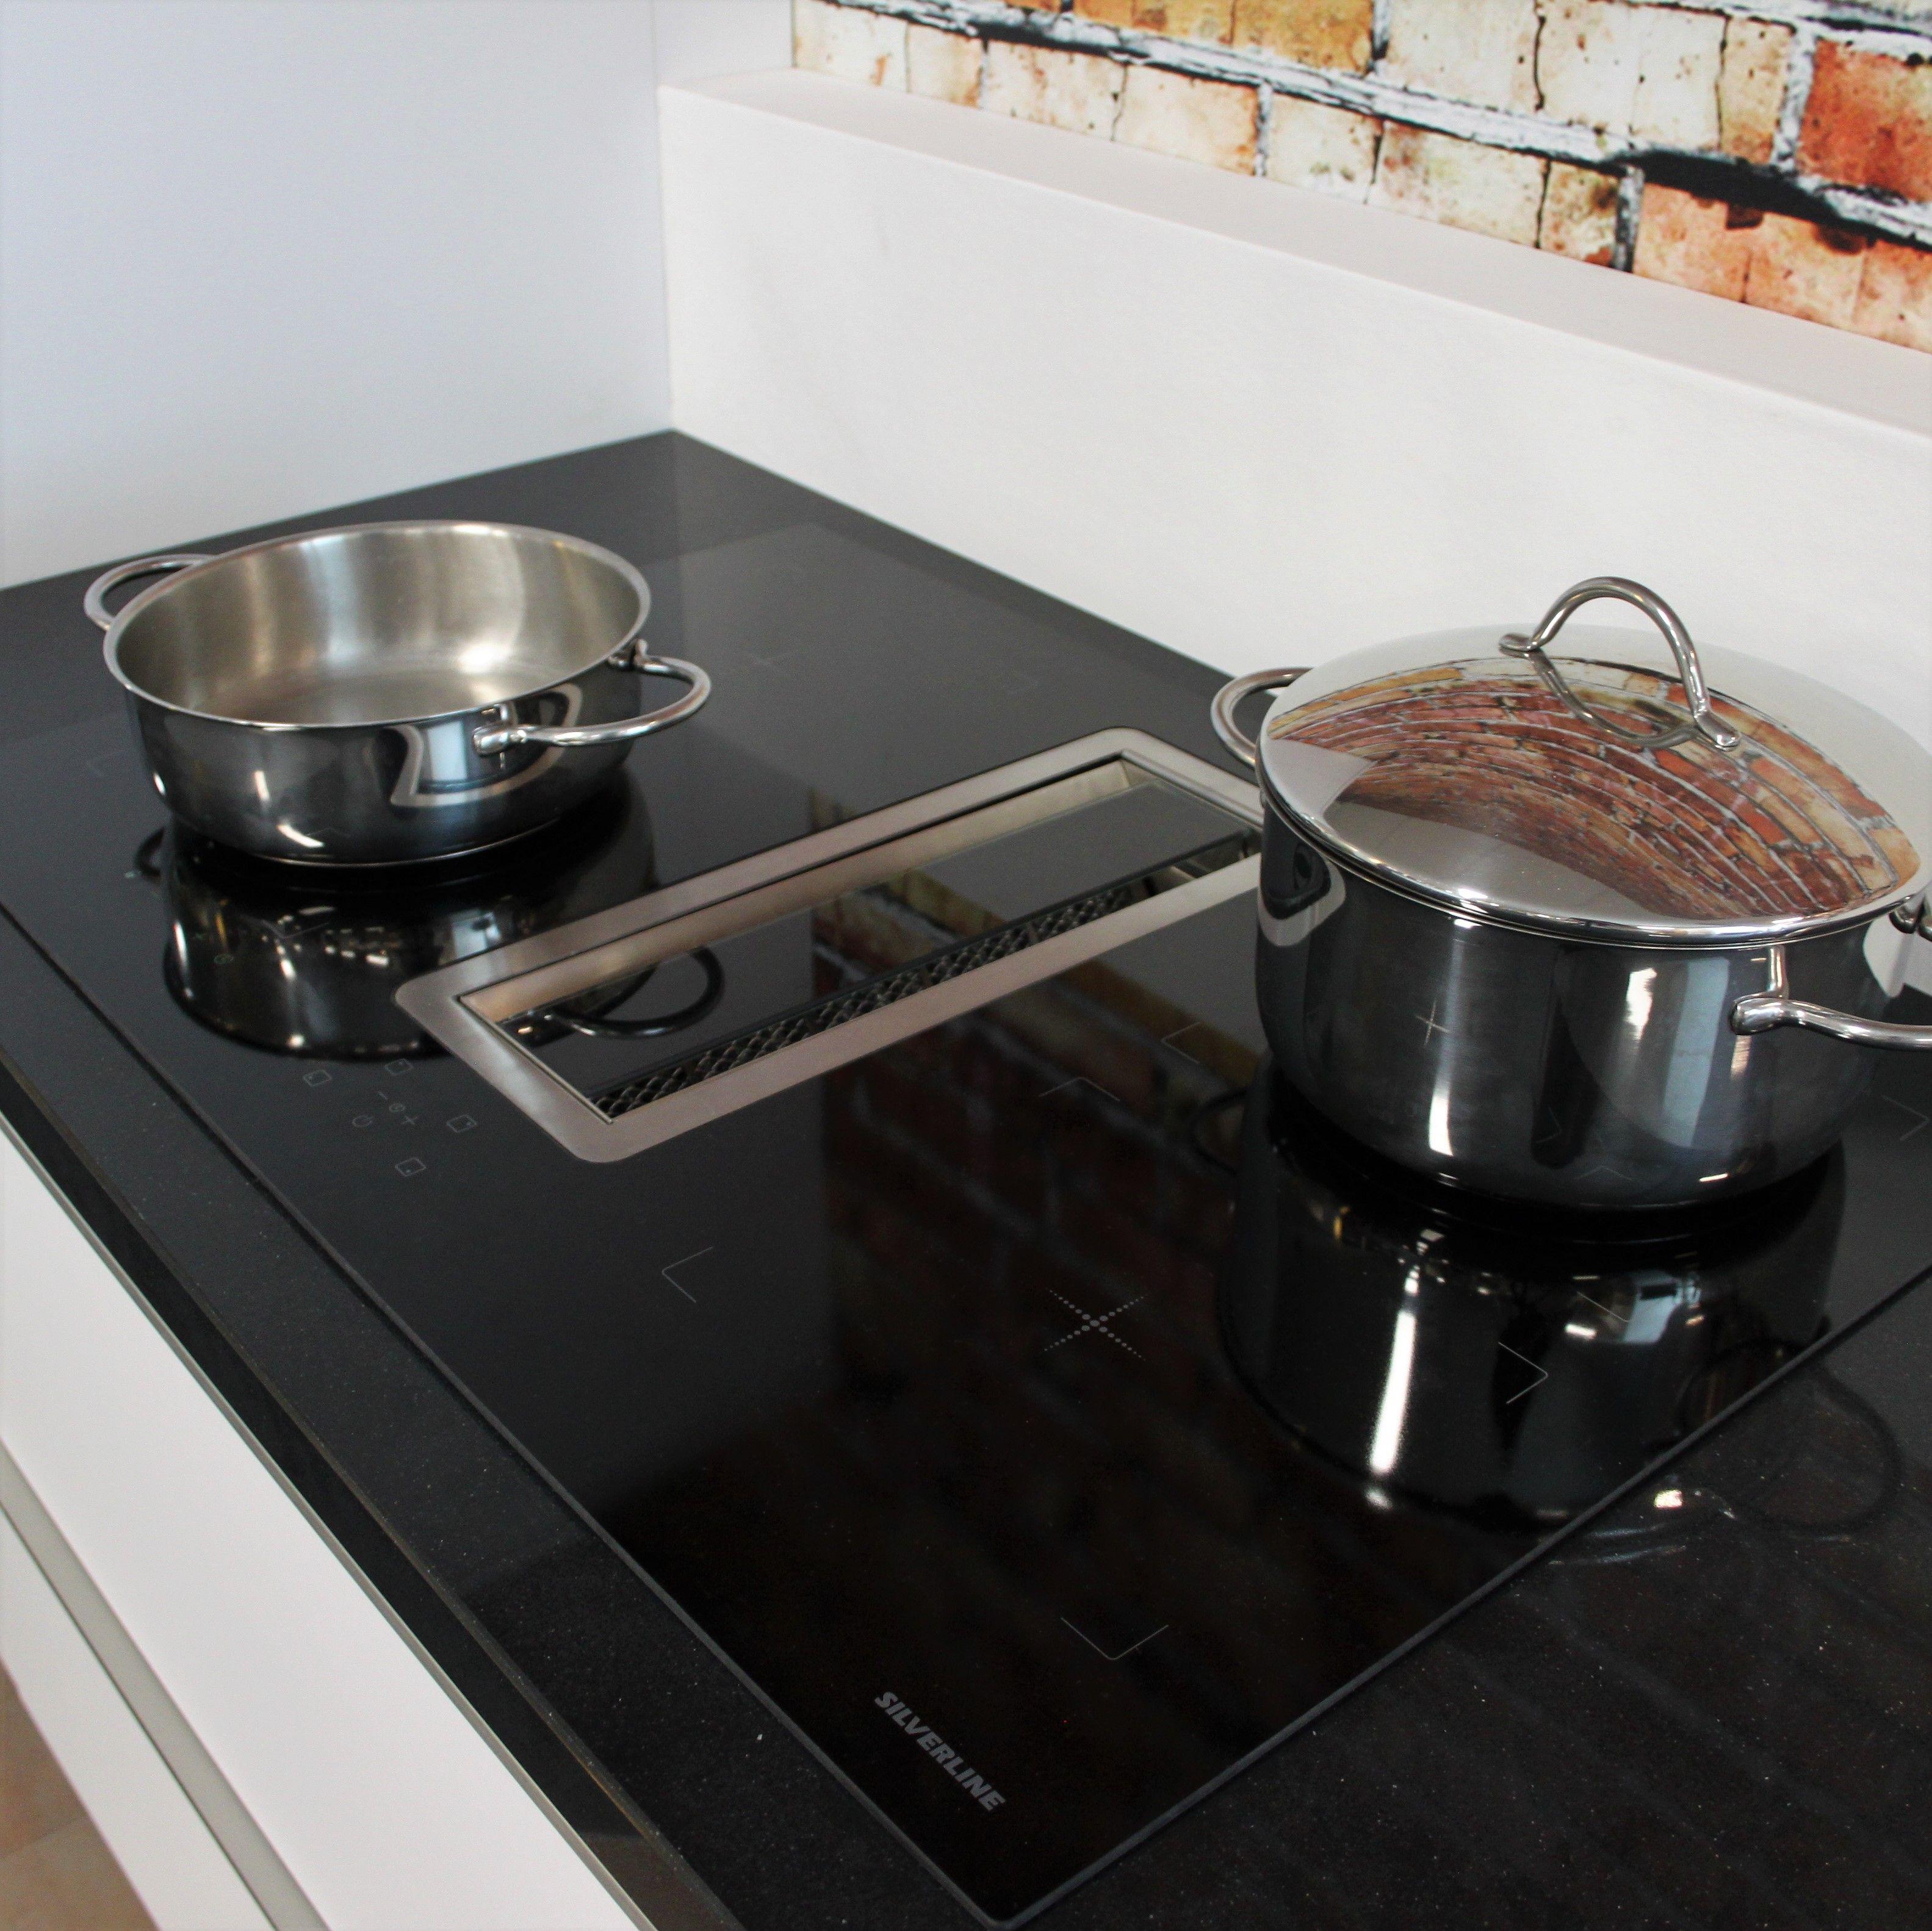 Showroom Keuken Sense Keukens Mat Wit Opleg Greep Graniet Werkblad Inductie Kookplaat Met Geintegreerde Afzuiging Combi Oven Keuken Keuken Mat Kookplaten